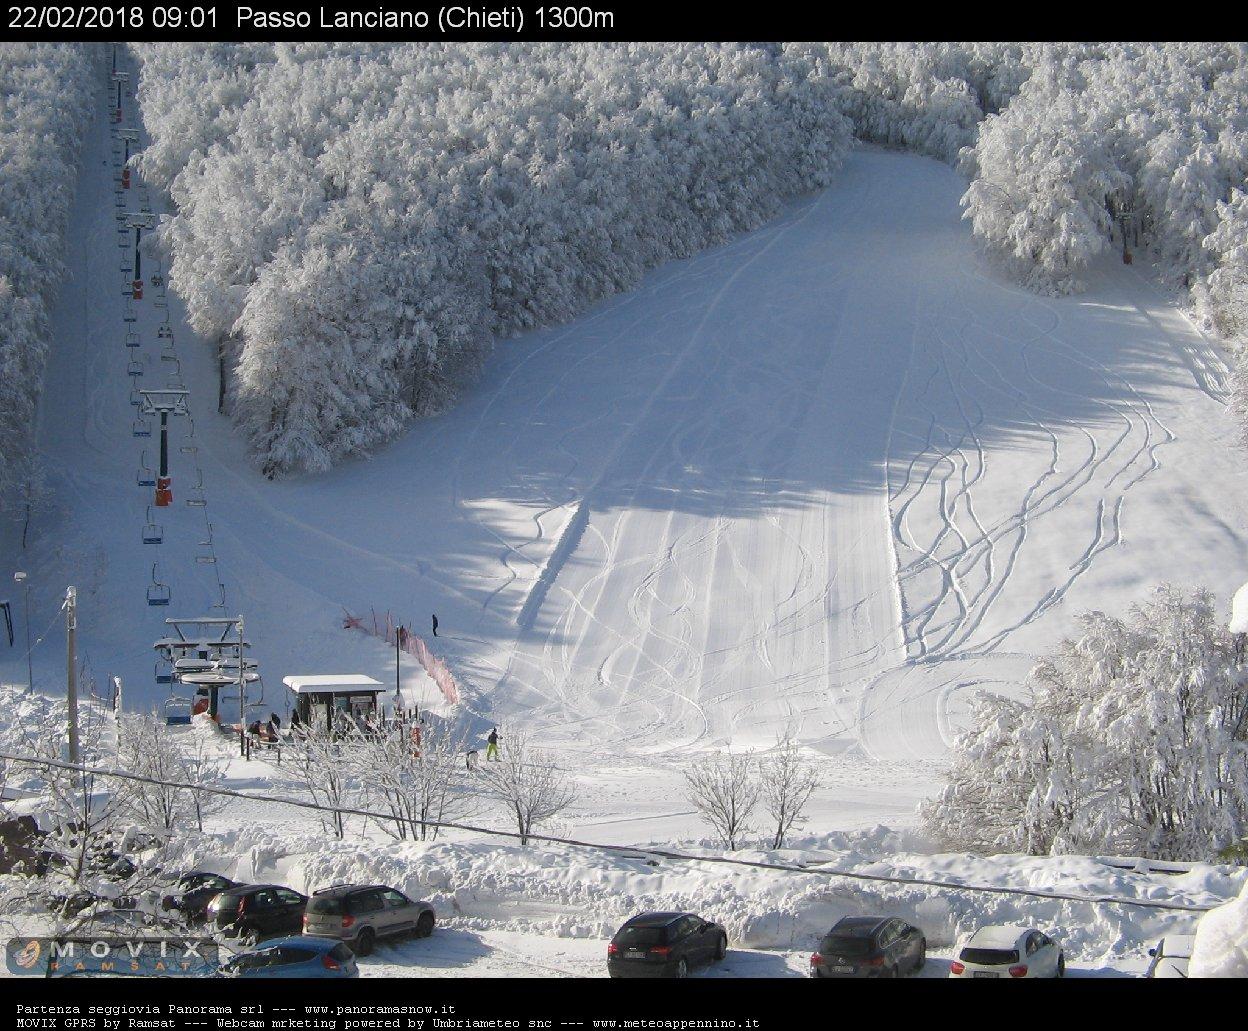 Appennini inverno 2017-2018-passolanciano01_1200.jpg